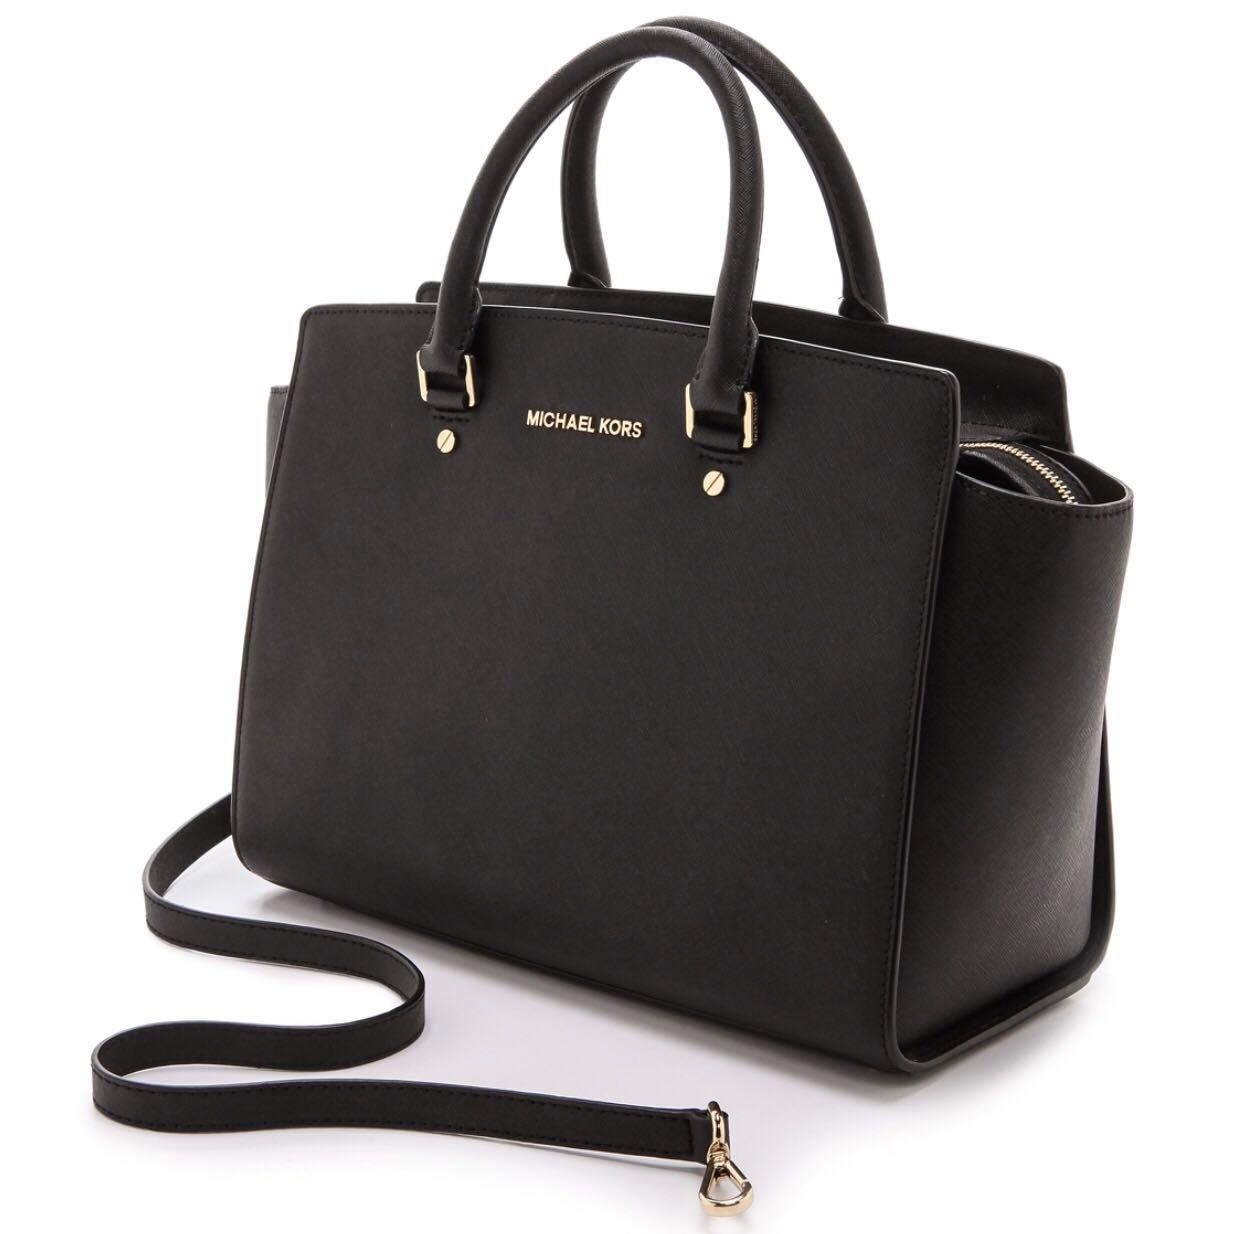 1110fec8ece50 Authentic Michael Kors Selma Large Saffiano Leather Satchel Black ...